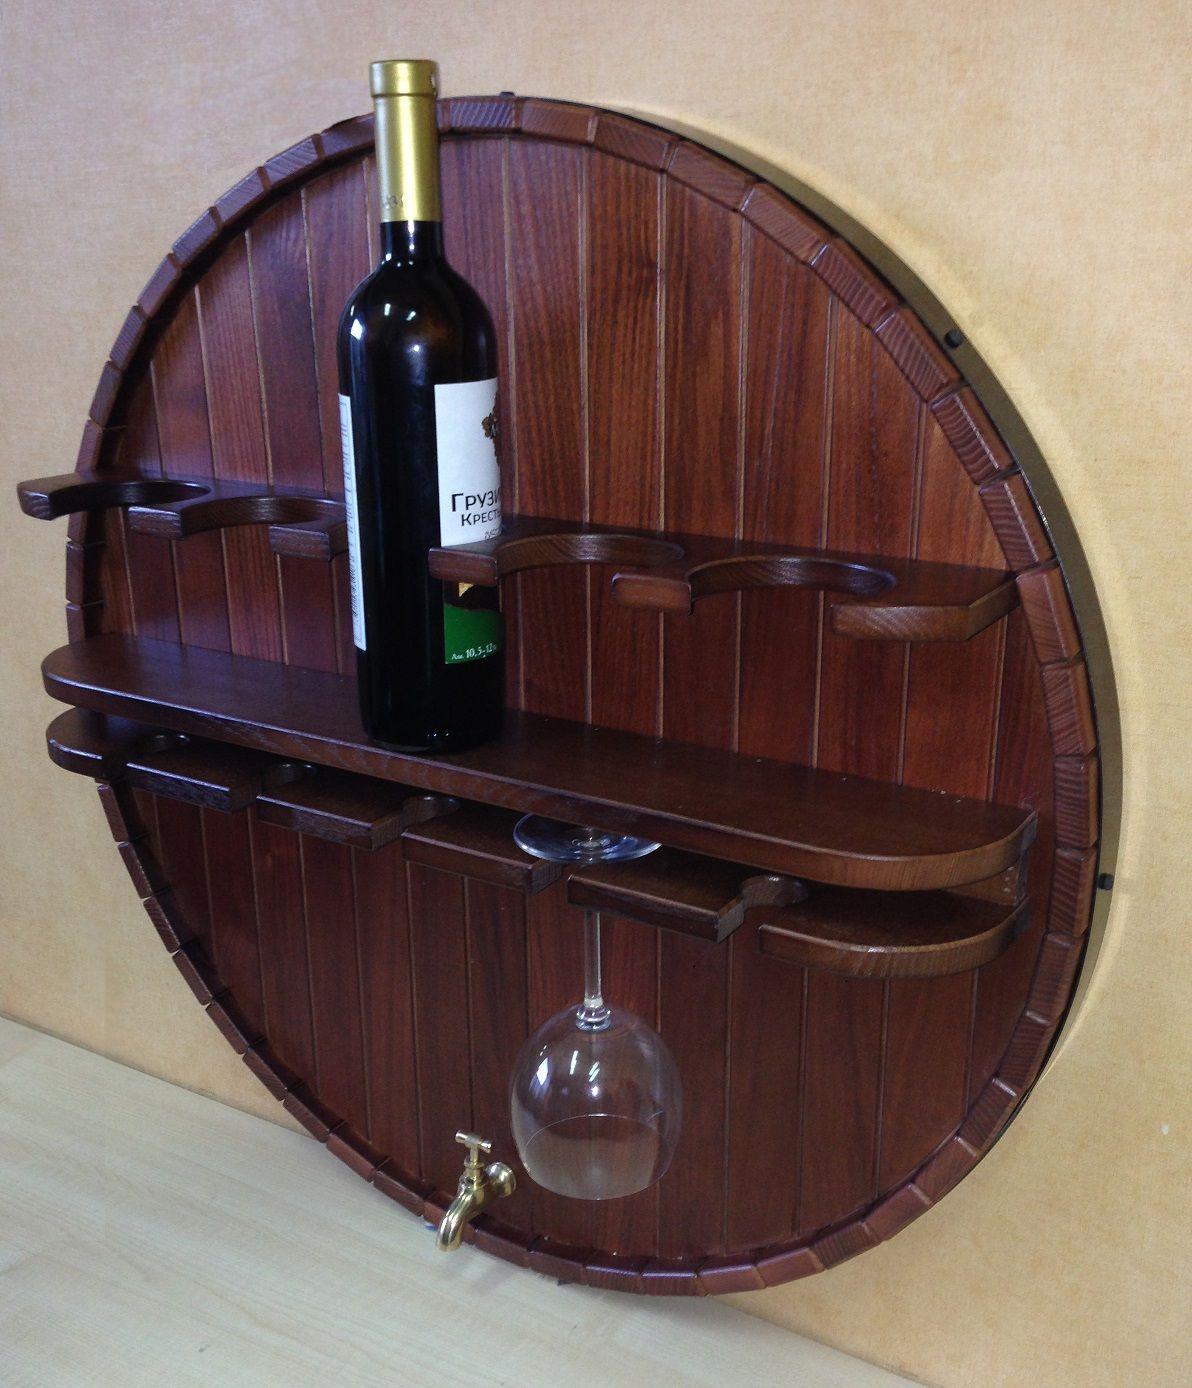 Полка навесная для хранения вина HP-001. Цены снижены.   vineras ...